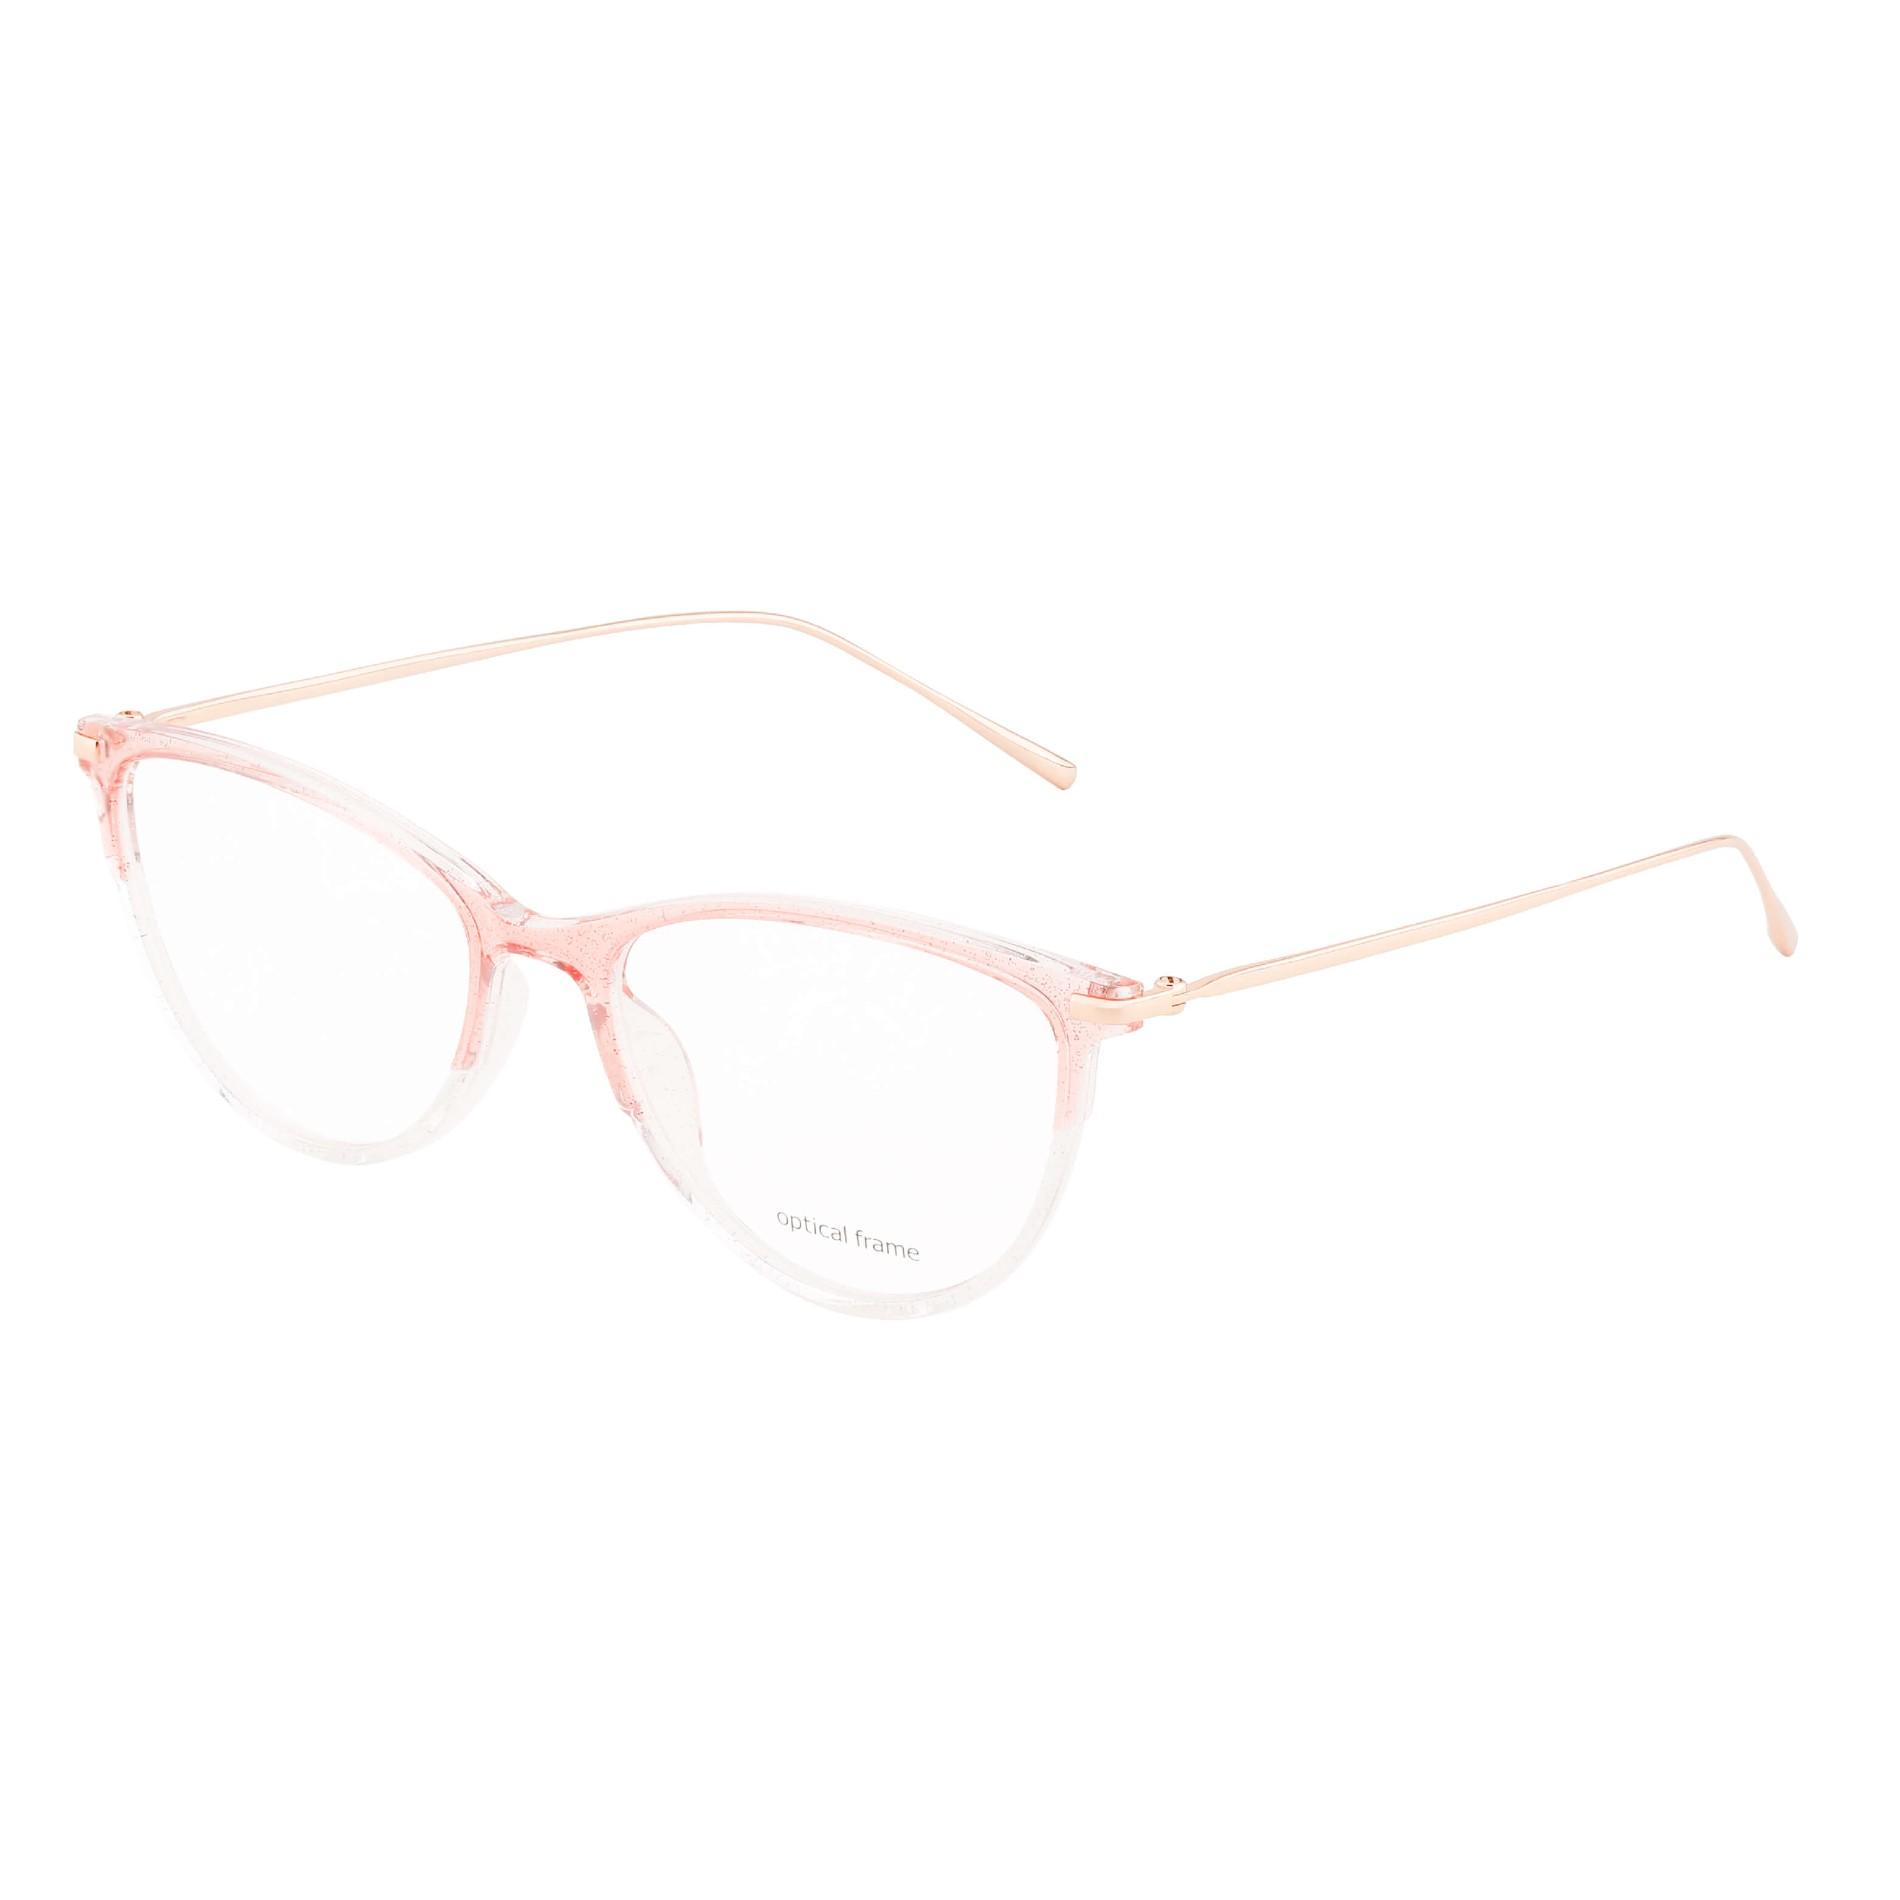 TR90 Glasses Cat Eye Optical Frame for Women Manufacturers, TR90 Glasses Cat Eye Optical Frame for Women Factory, Supply TR90 Glasses Cat Eye Optical Frame for Women